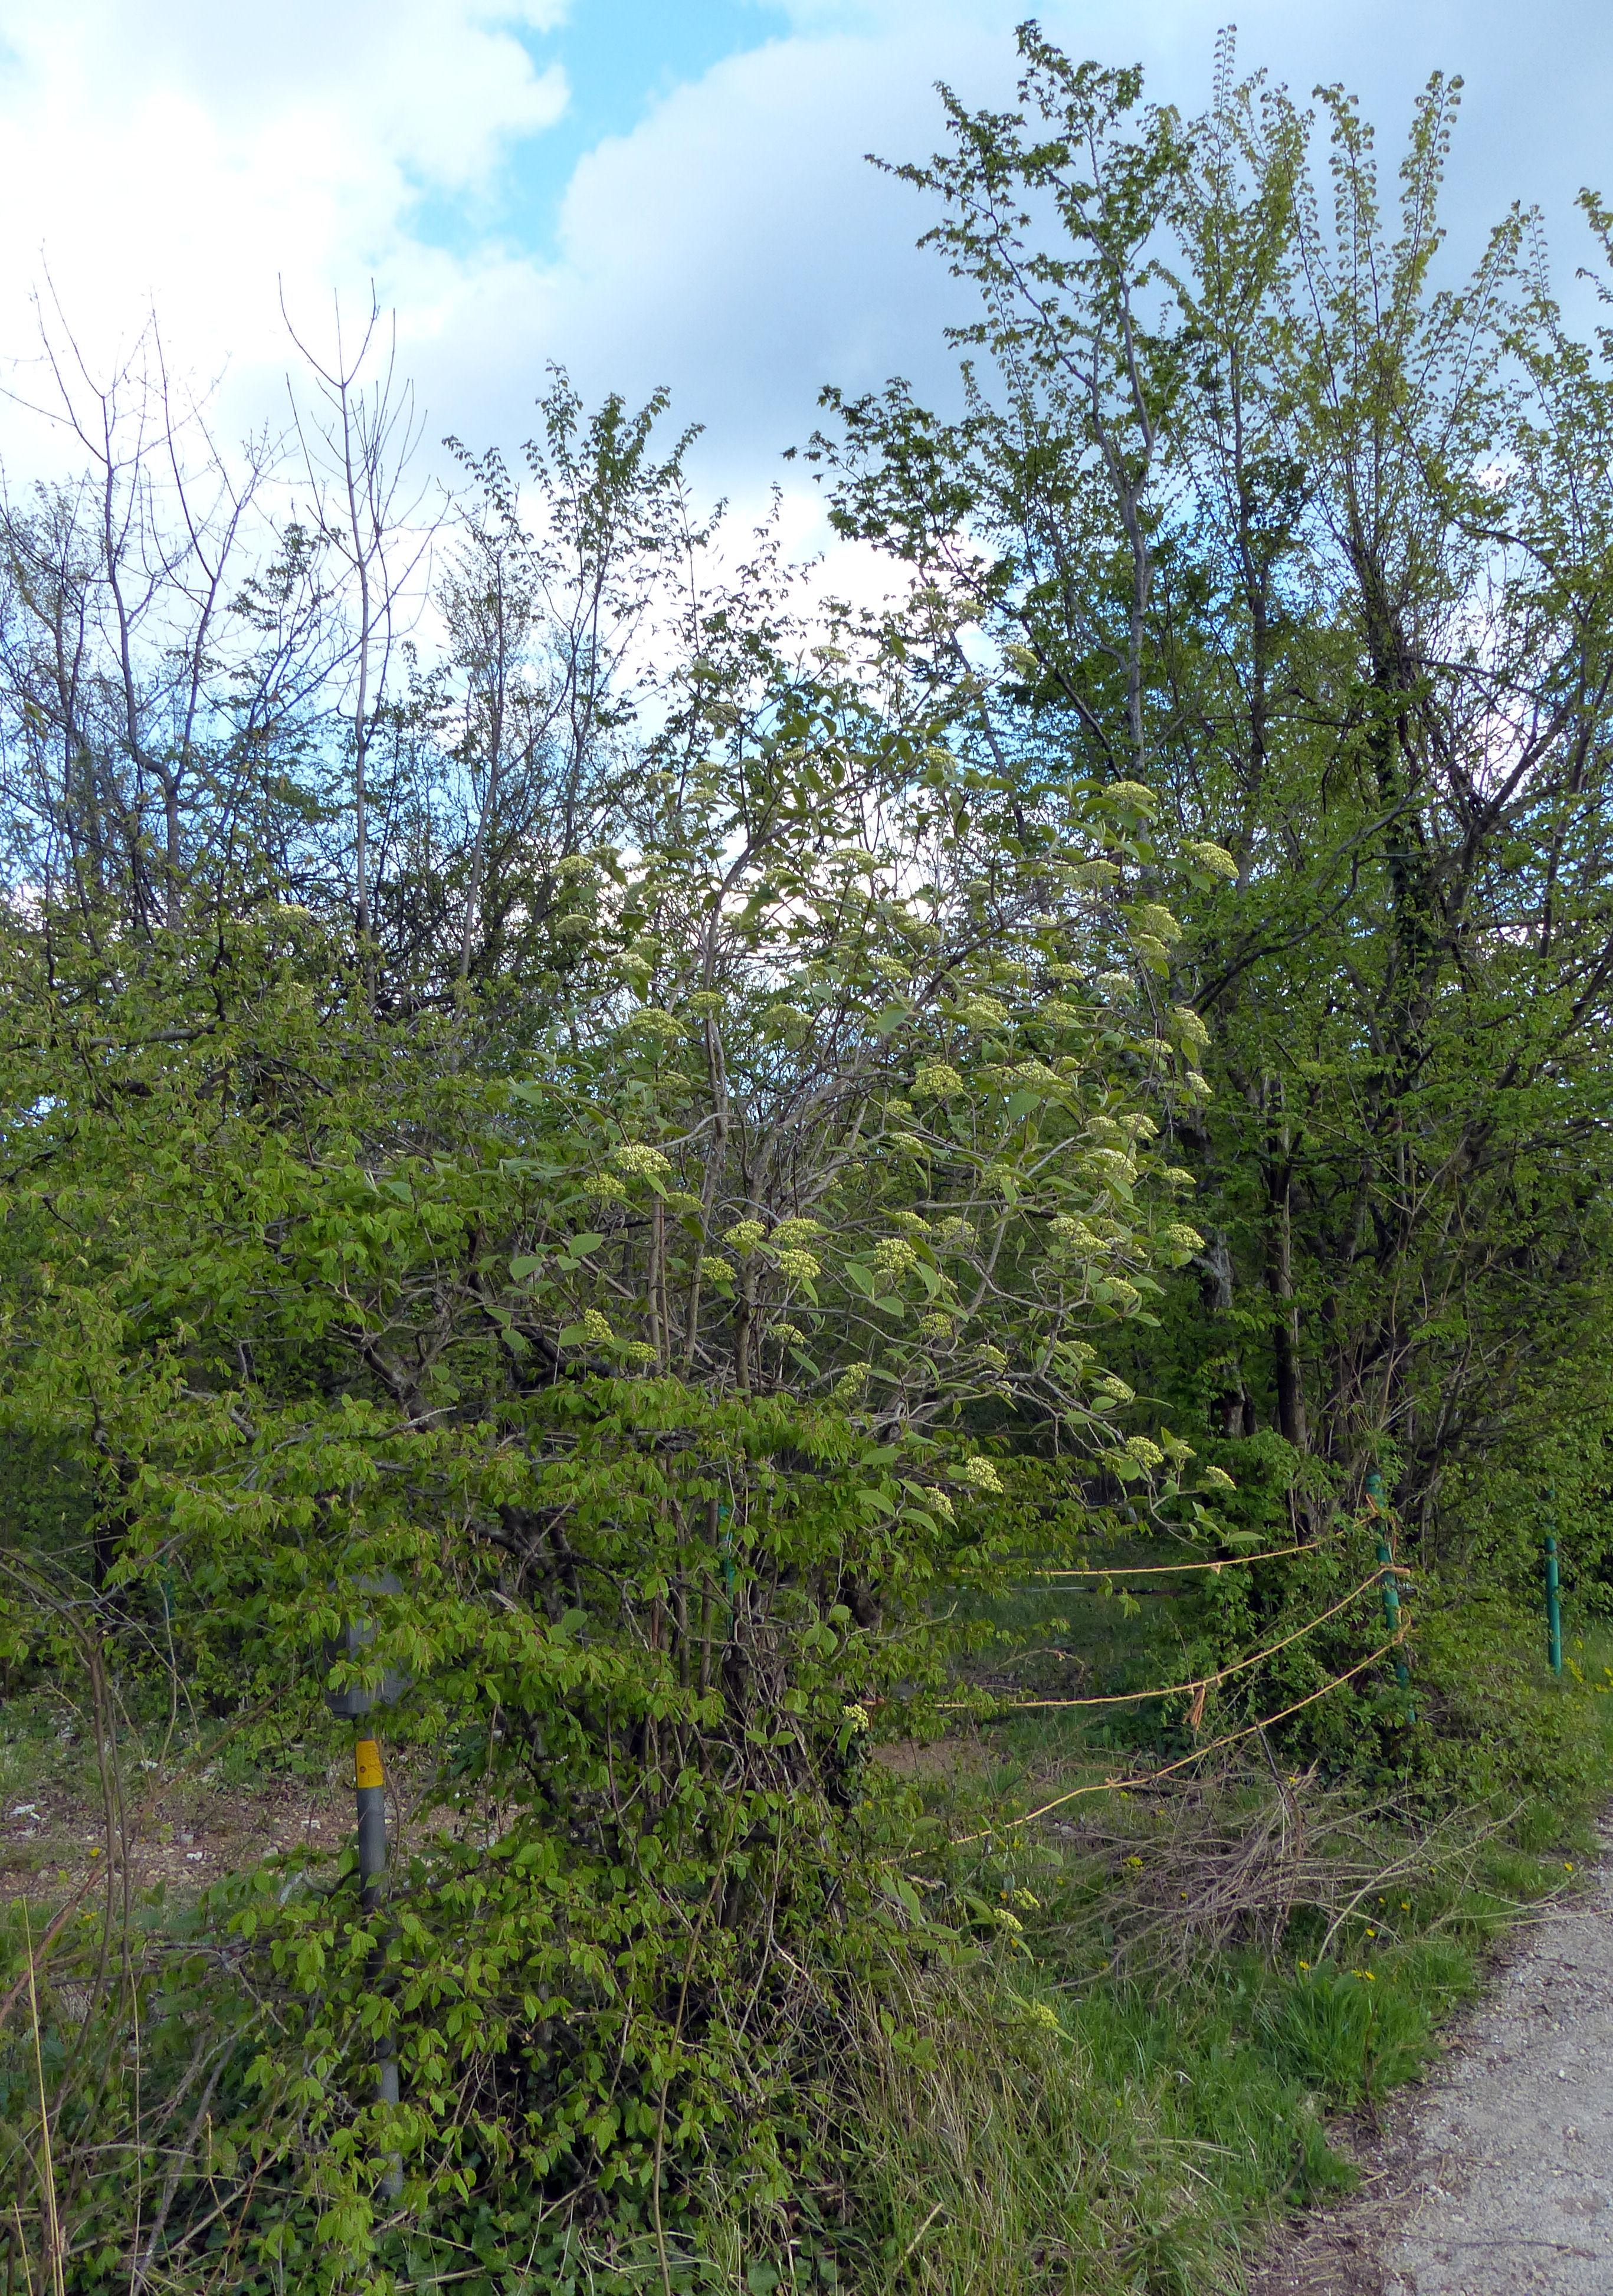 © Dipartimento di Scienze della Vita, Università di Trieste<br>by Andrea Moro<br>Comune di Serle, Altopiano di Cariadeghe, BS, Lombardia, Italia, 20/04/2017<br>Distributed under CC-BY-SA 4.0 license.